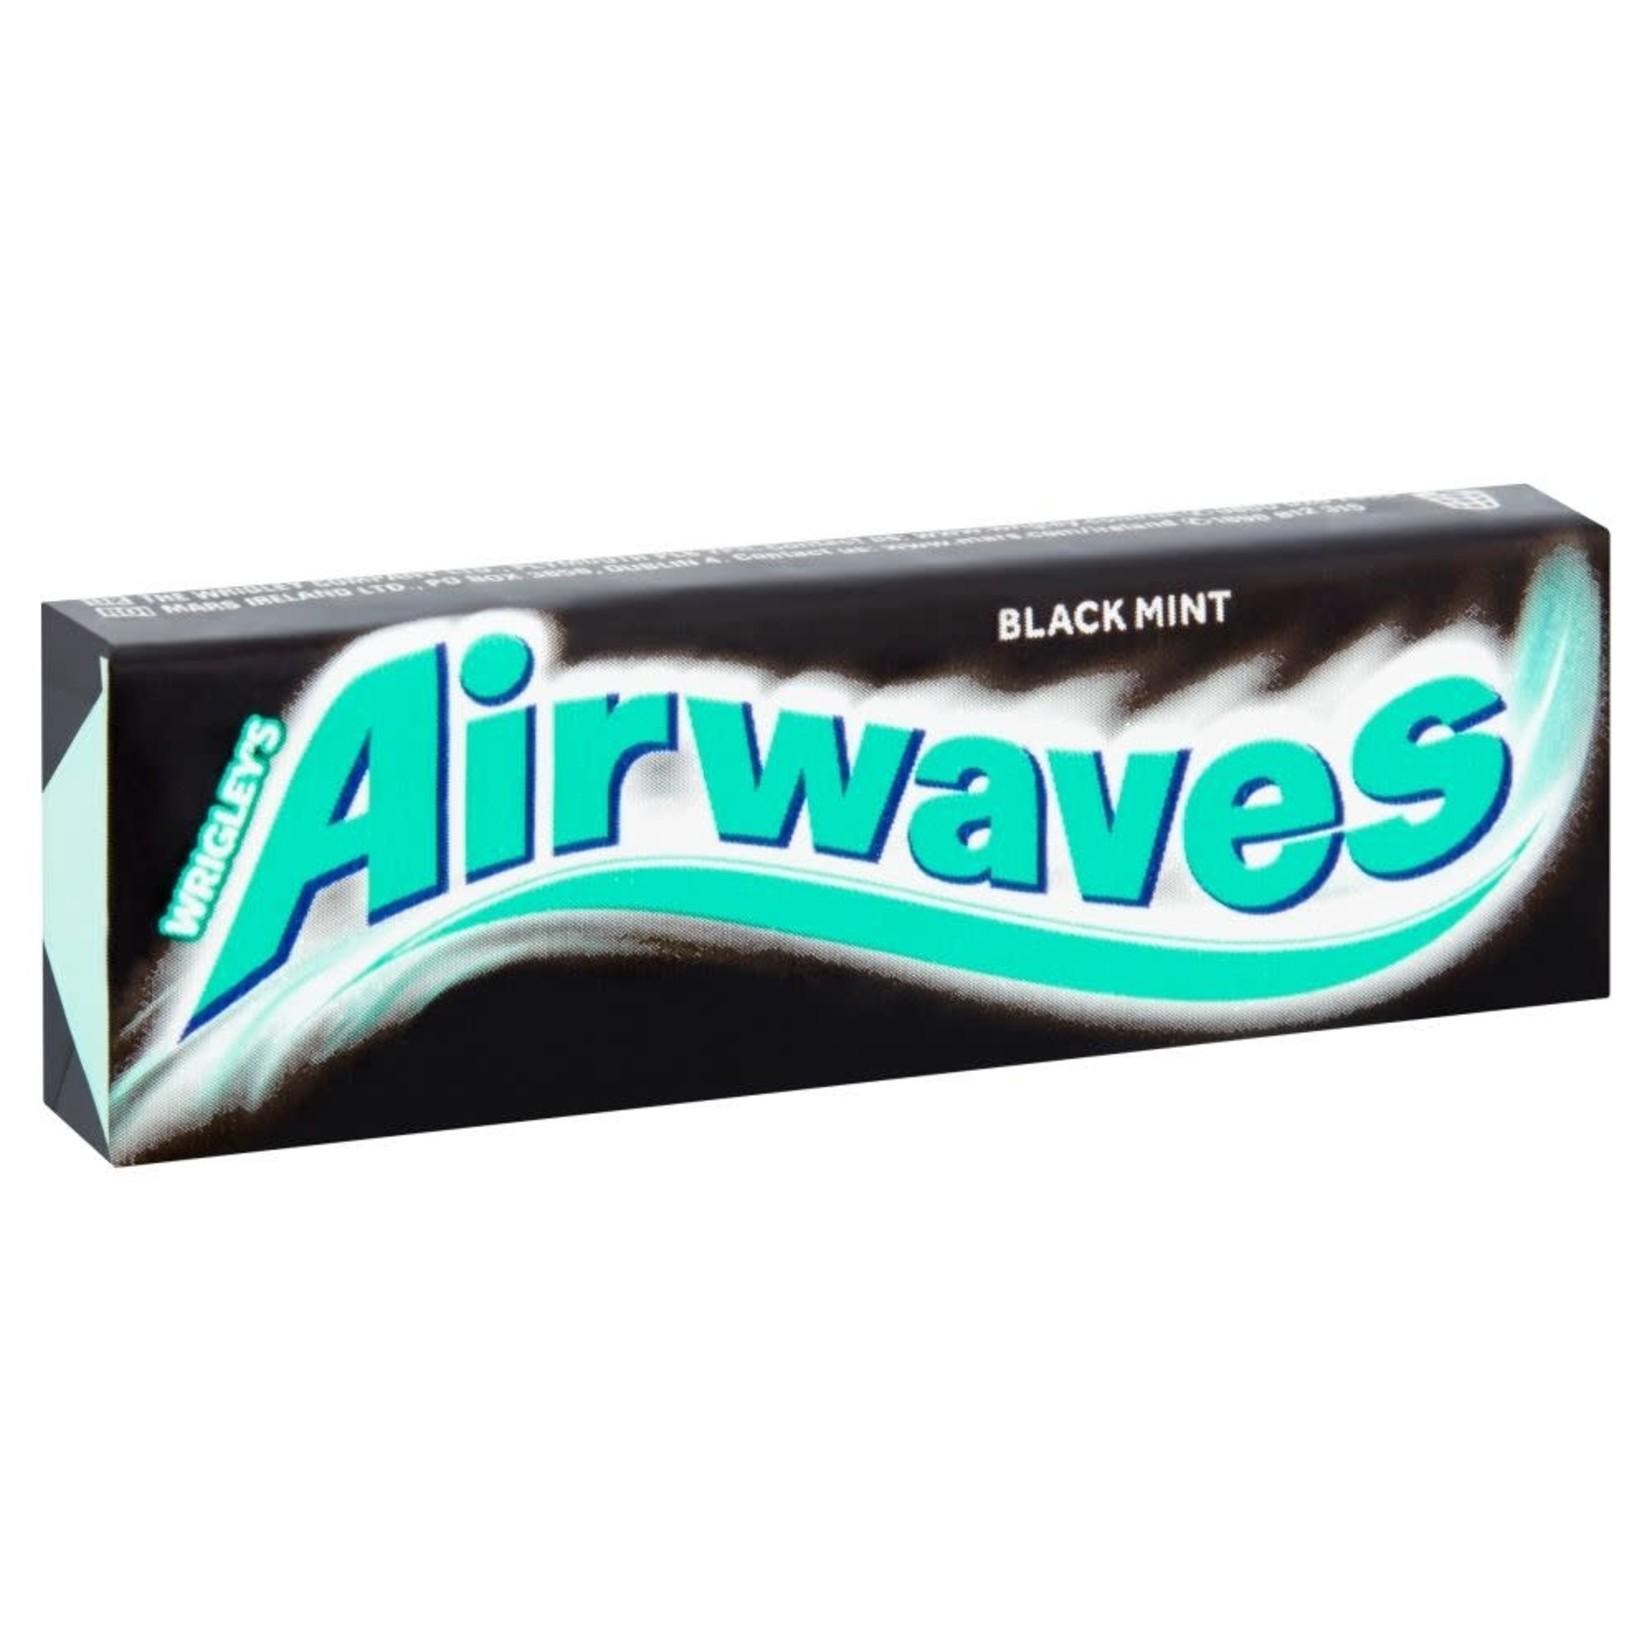 Airwaves, Black Mint Flavour, 10 pieces